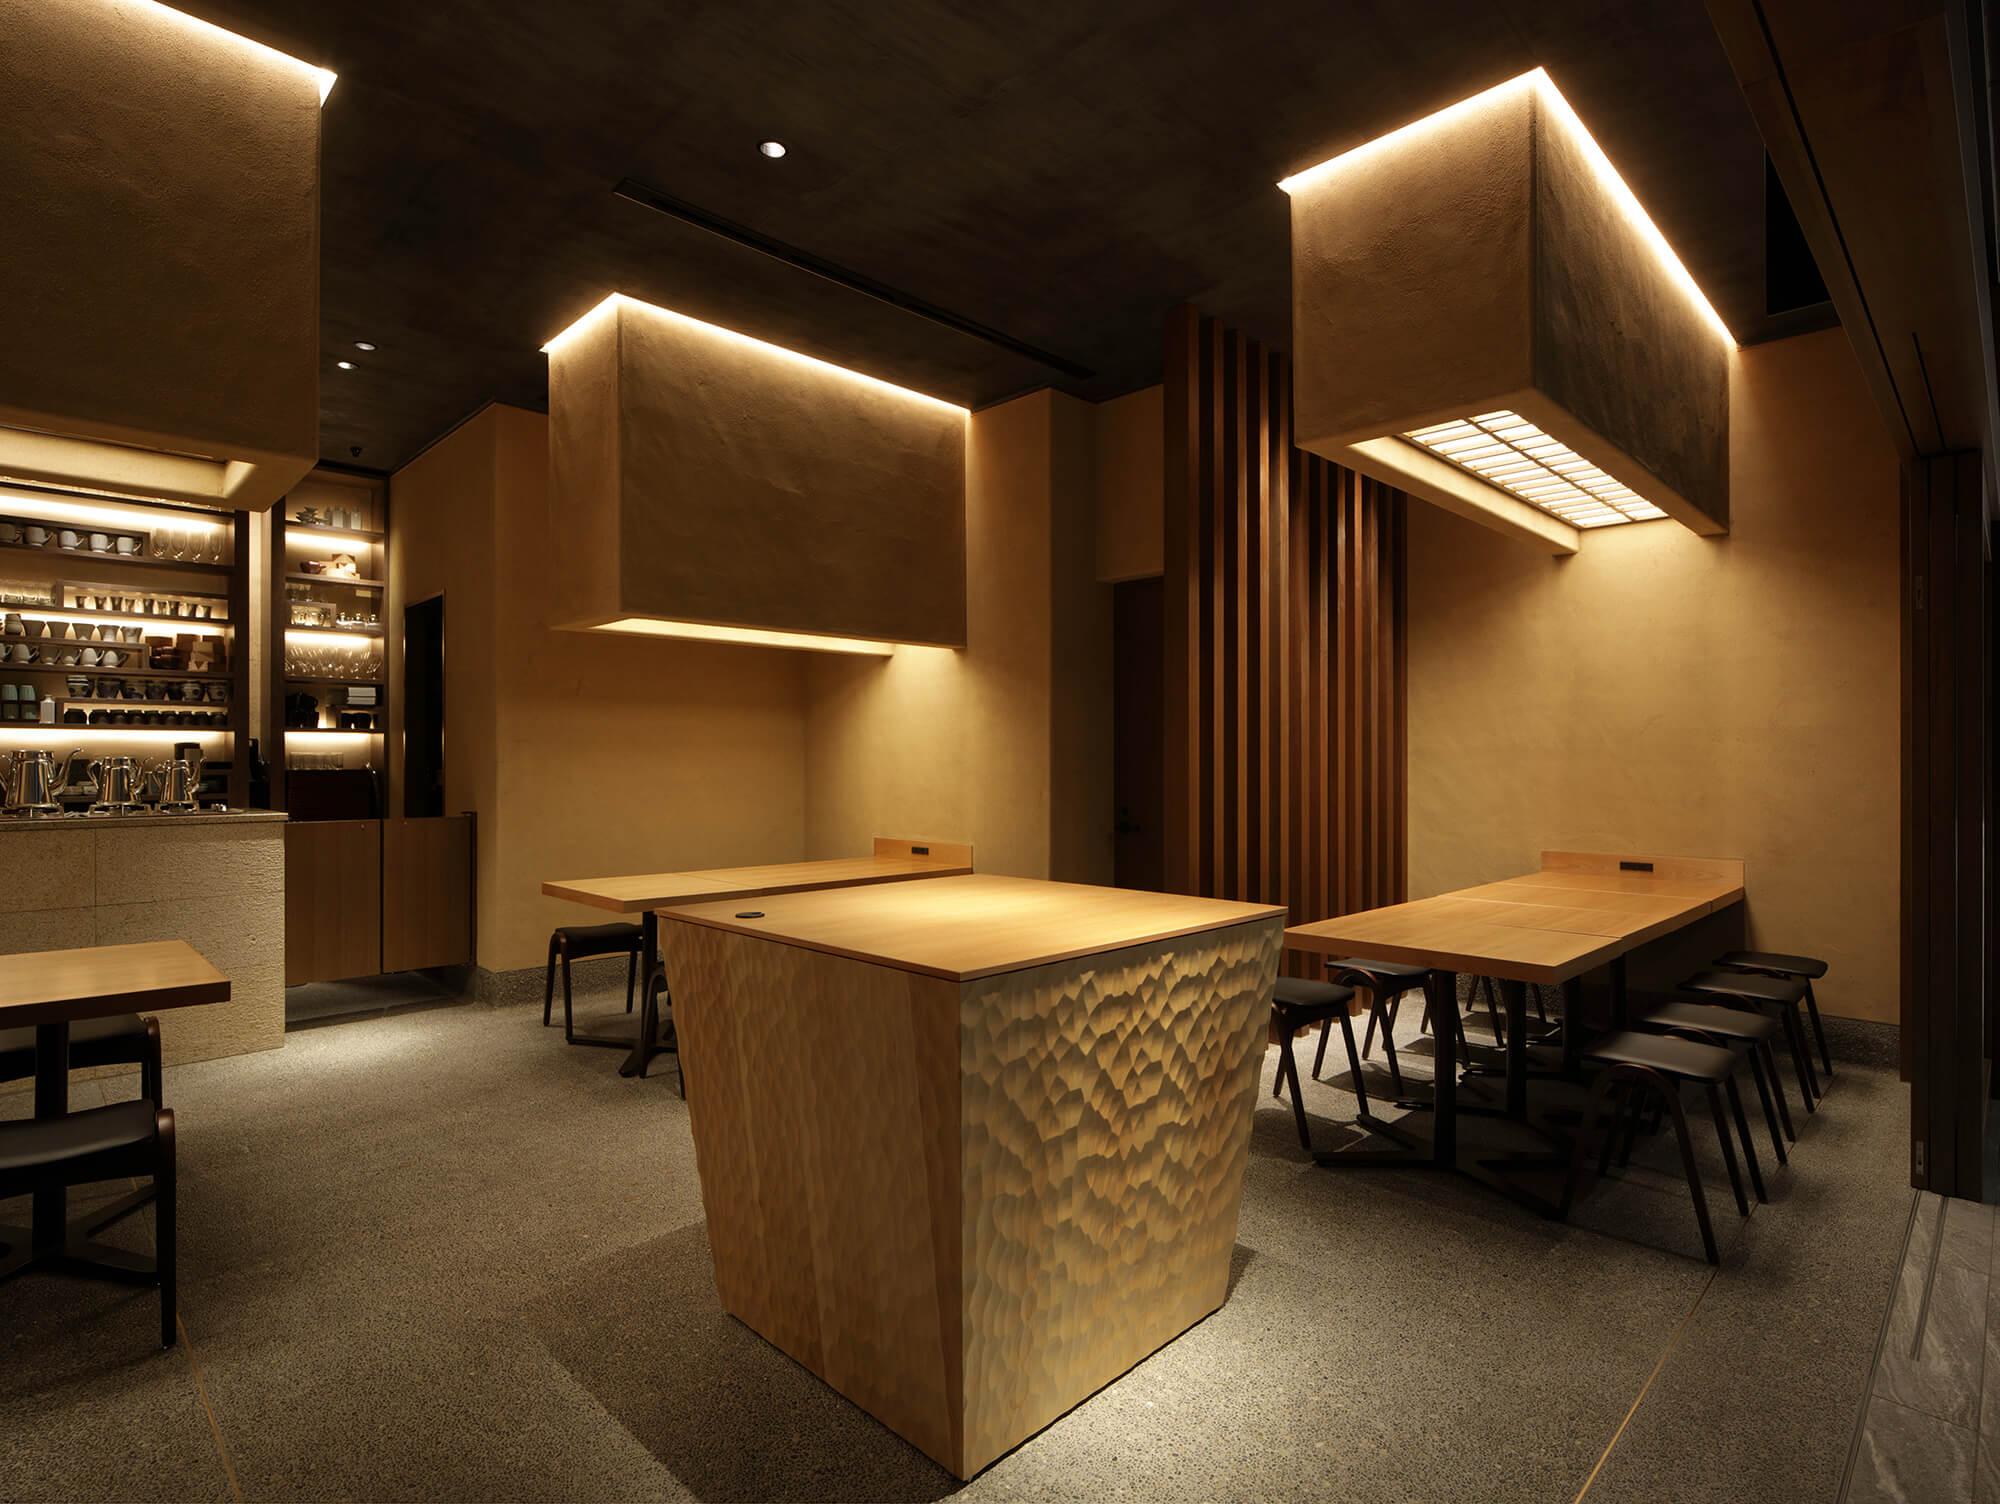 『赤坂茶房』-福岡県福岡市-建築写真・竣工写真・インテリア写真3